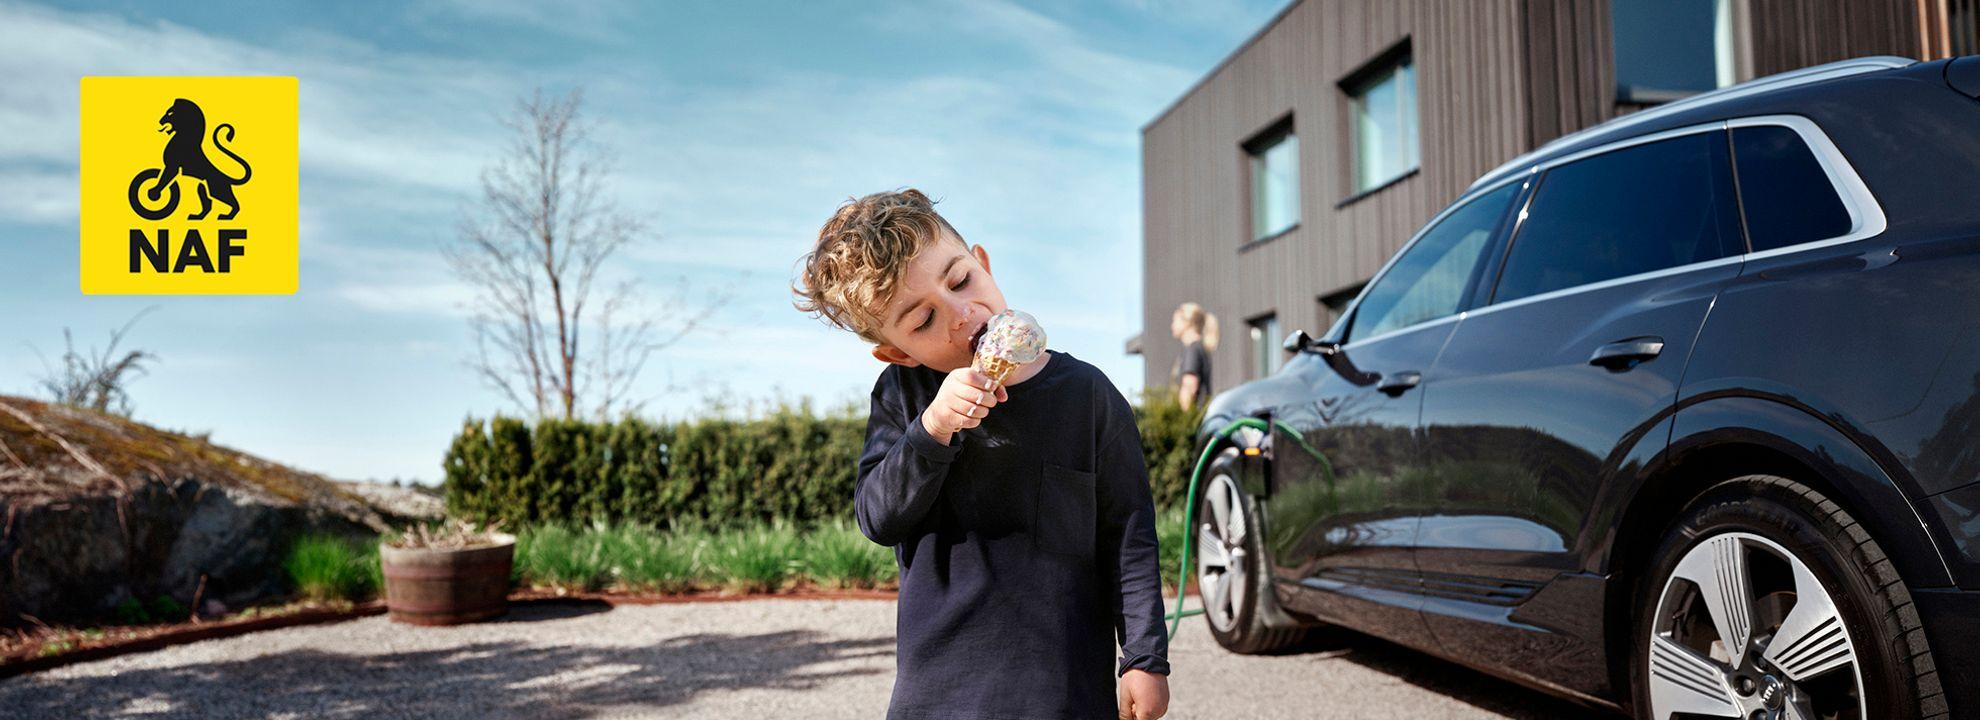 Illustrasjonsbilde av gutt som spiser is. I bakgrunnen ser man en elbil som står til lading.